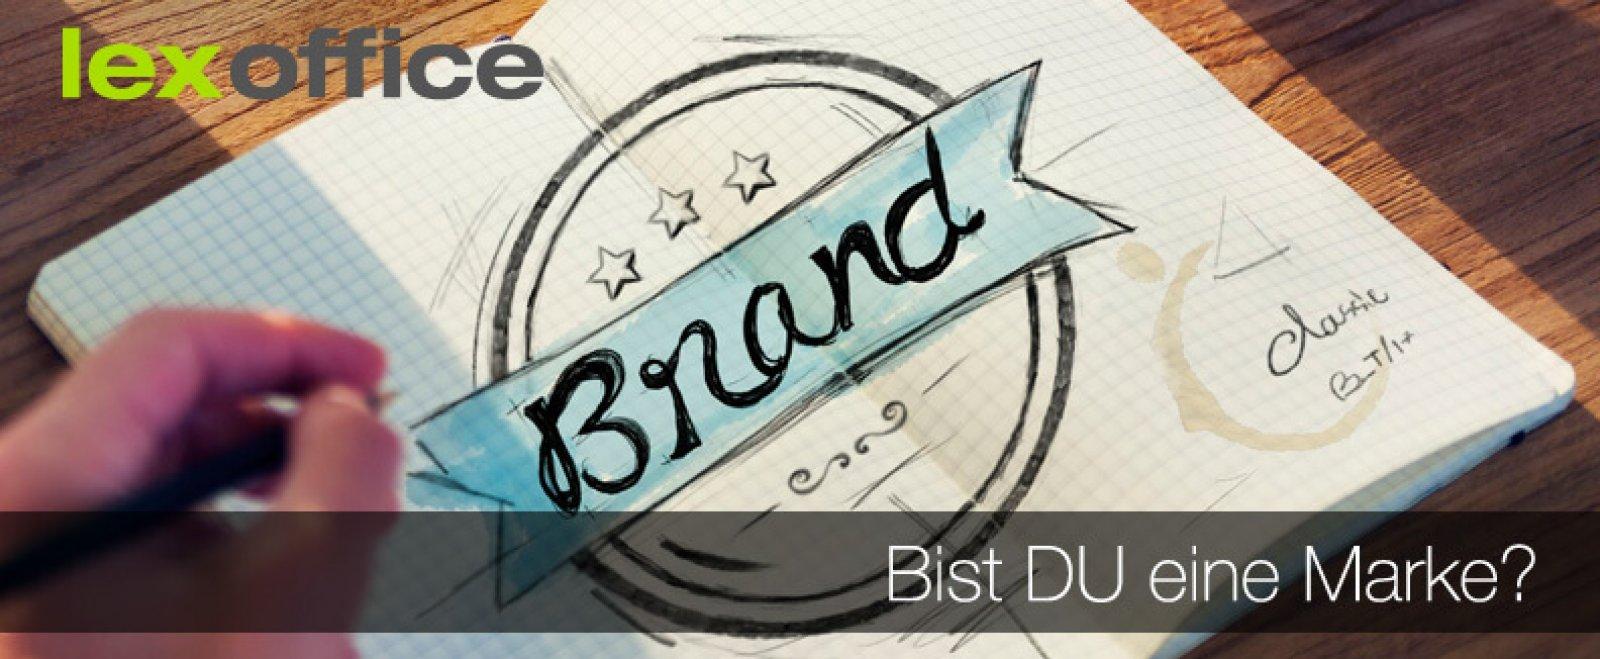 Bist du eine Marke? Online-Marketing-Tipps im lexoffice-blog